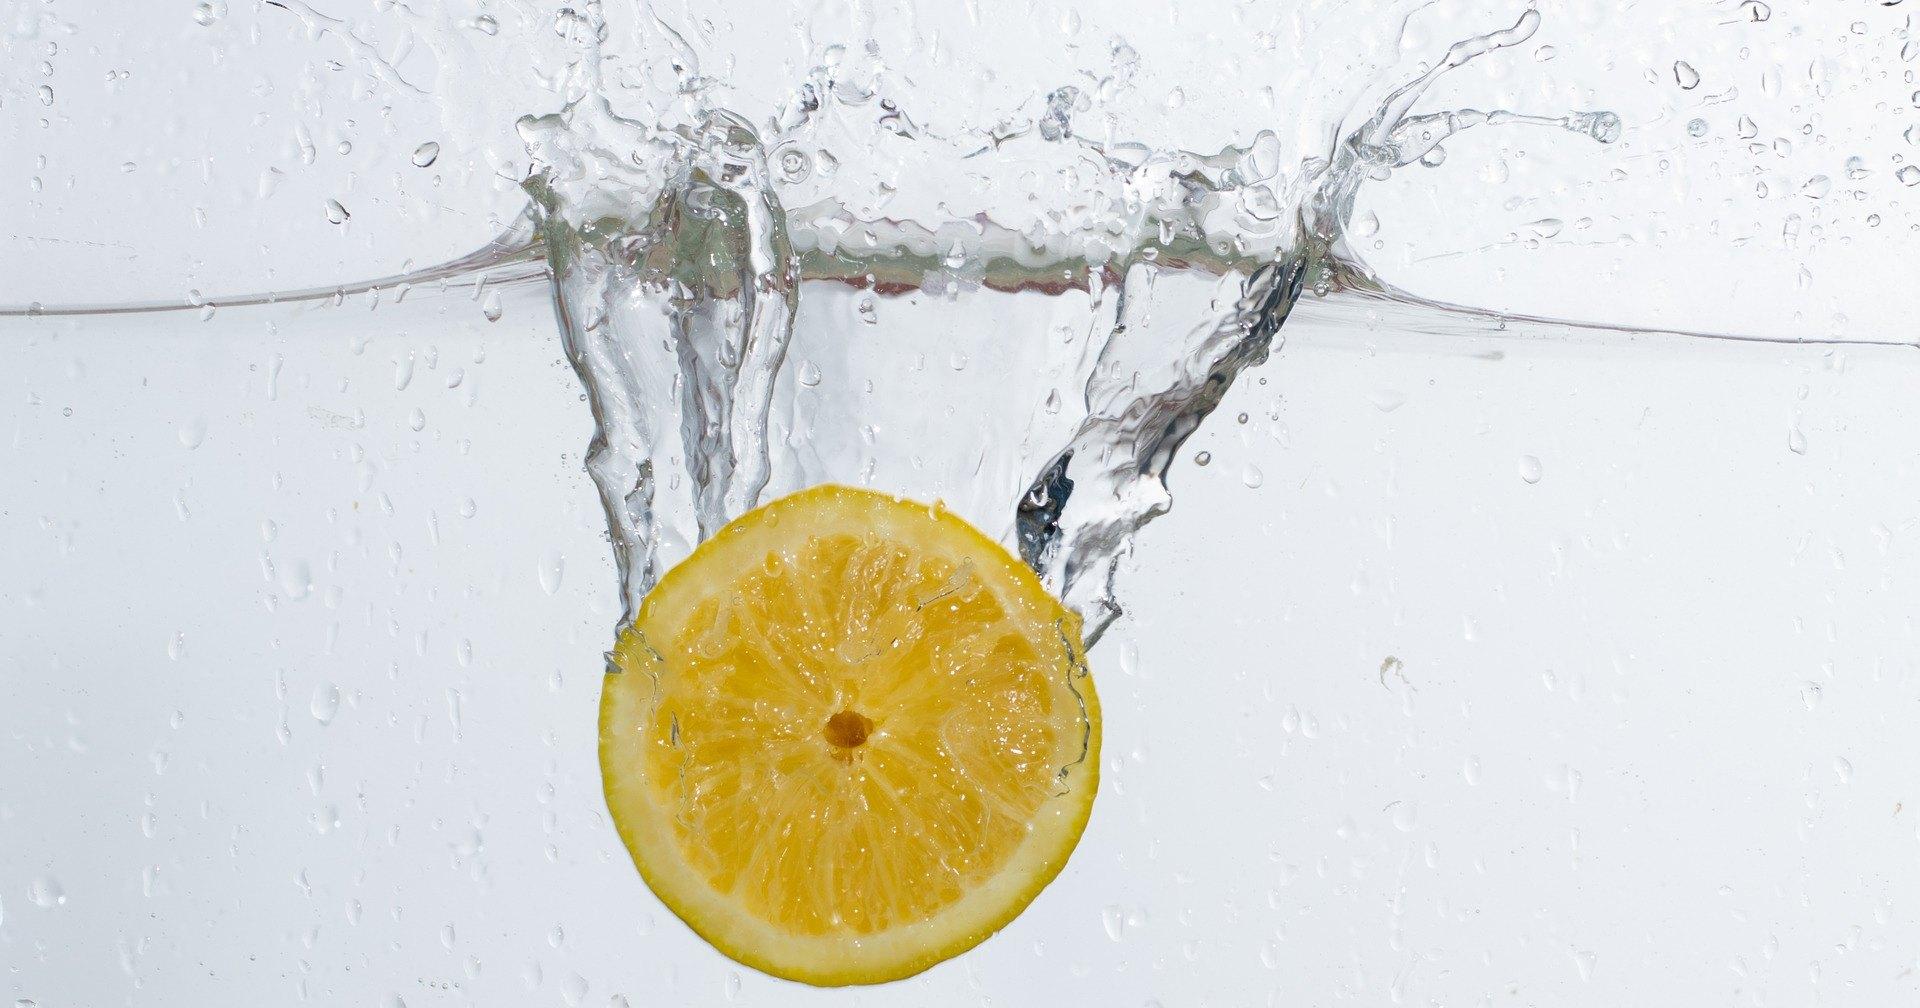 Почему важно начинать день со стакана воды с лимоном: 5 причин